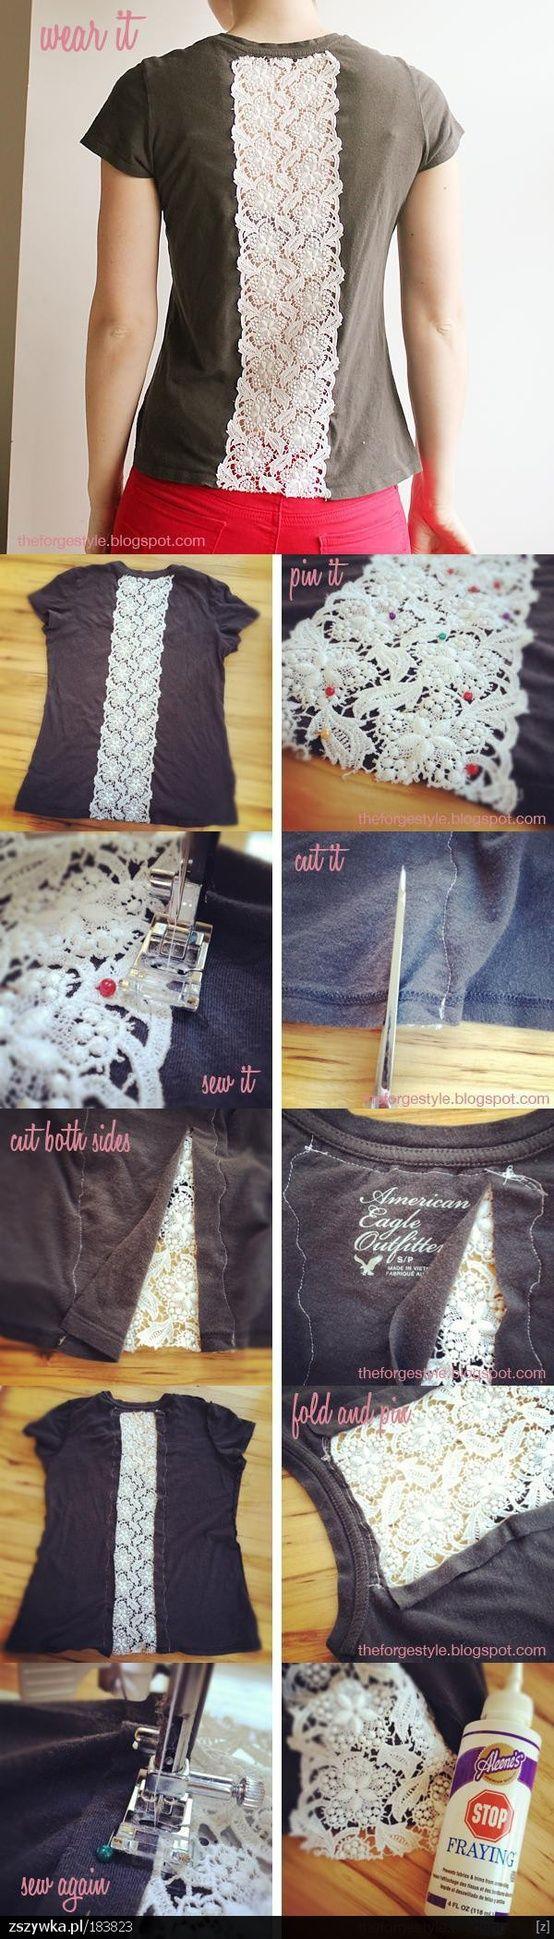 diy lace tshirt